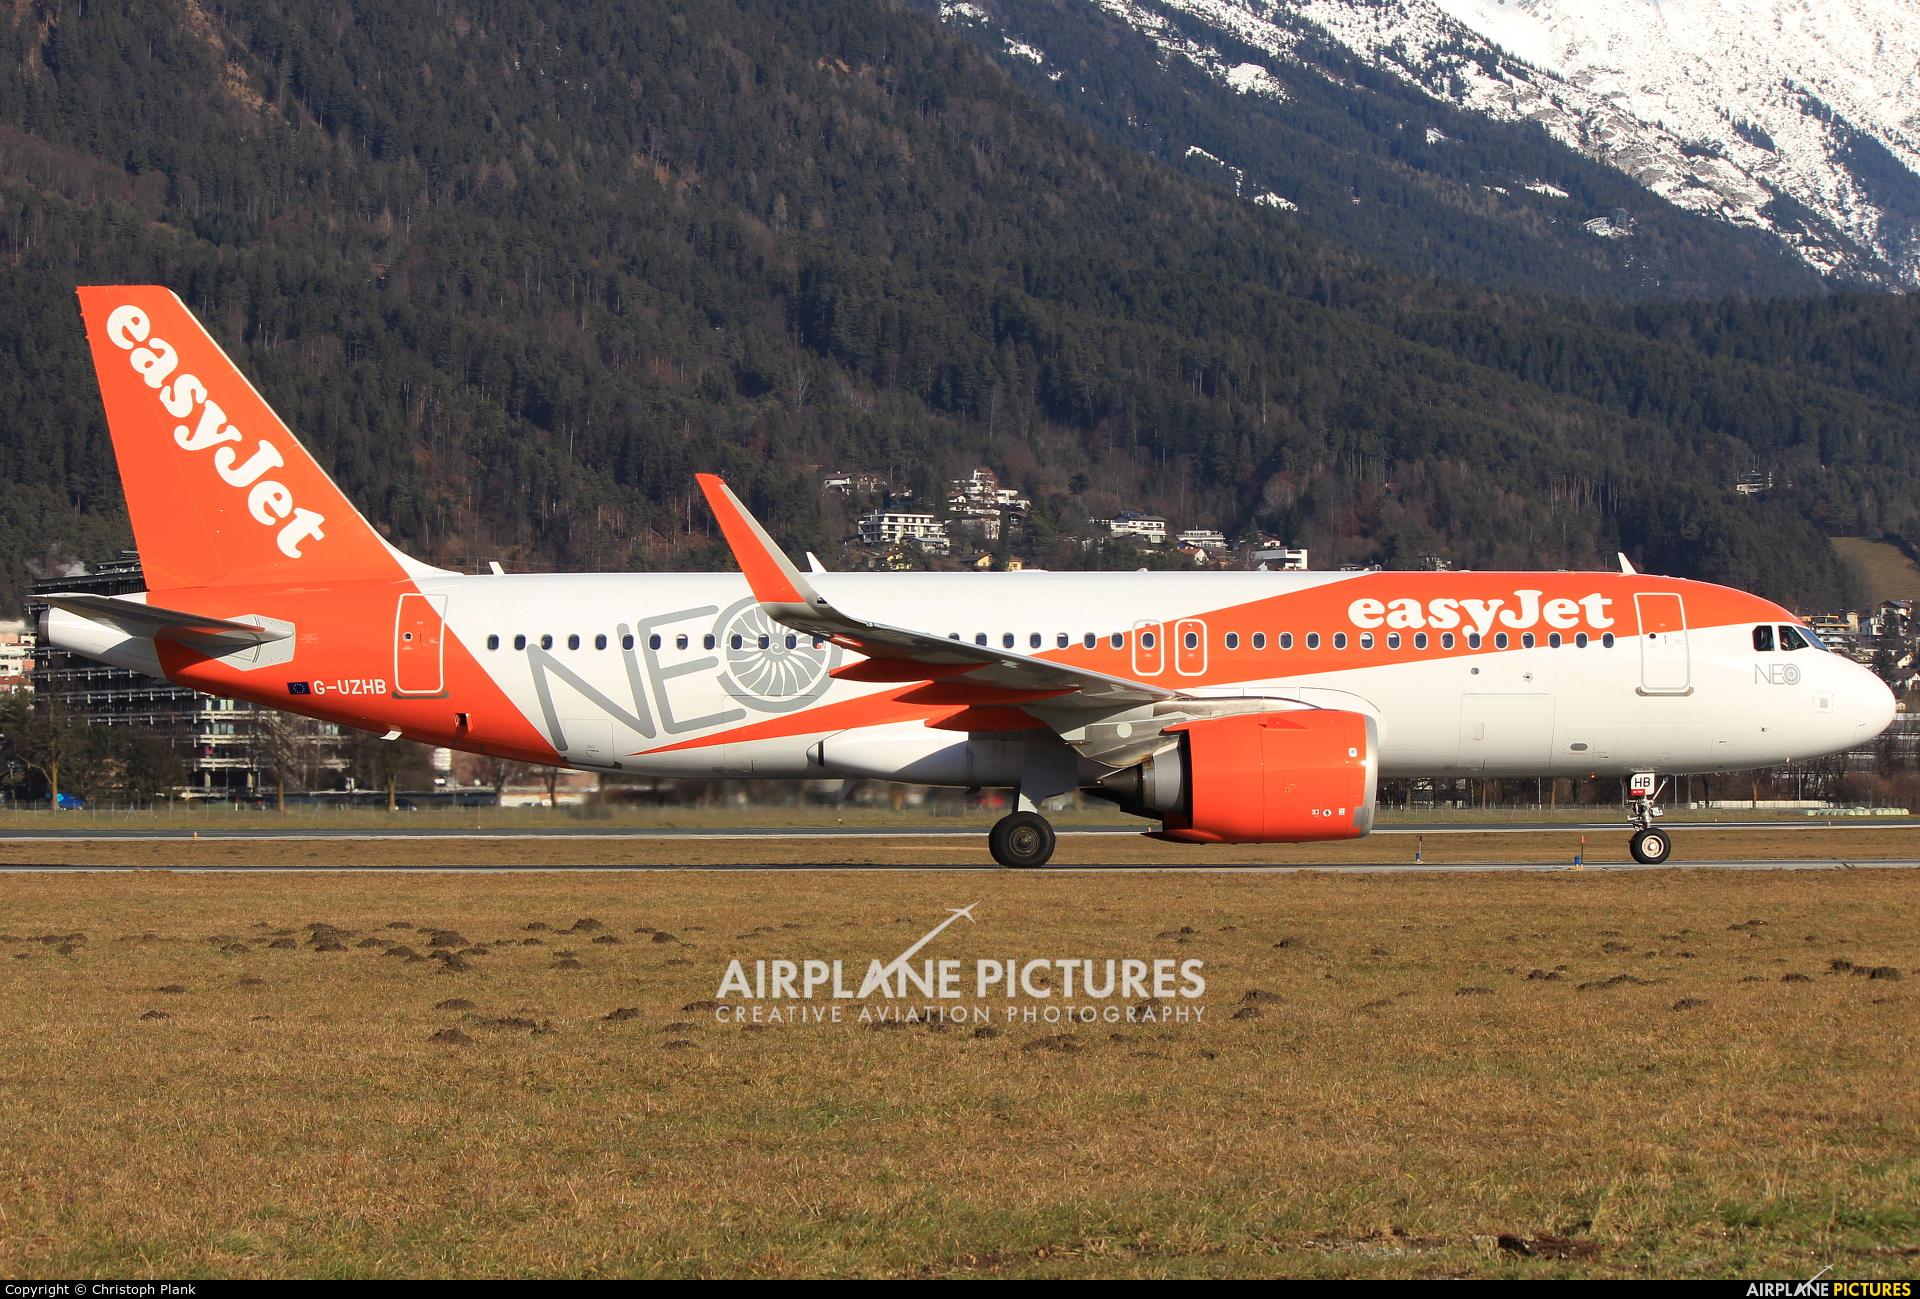 easyJet G-UZHB aircraft at Innsbruck